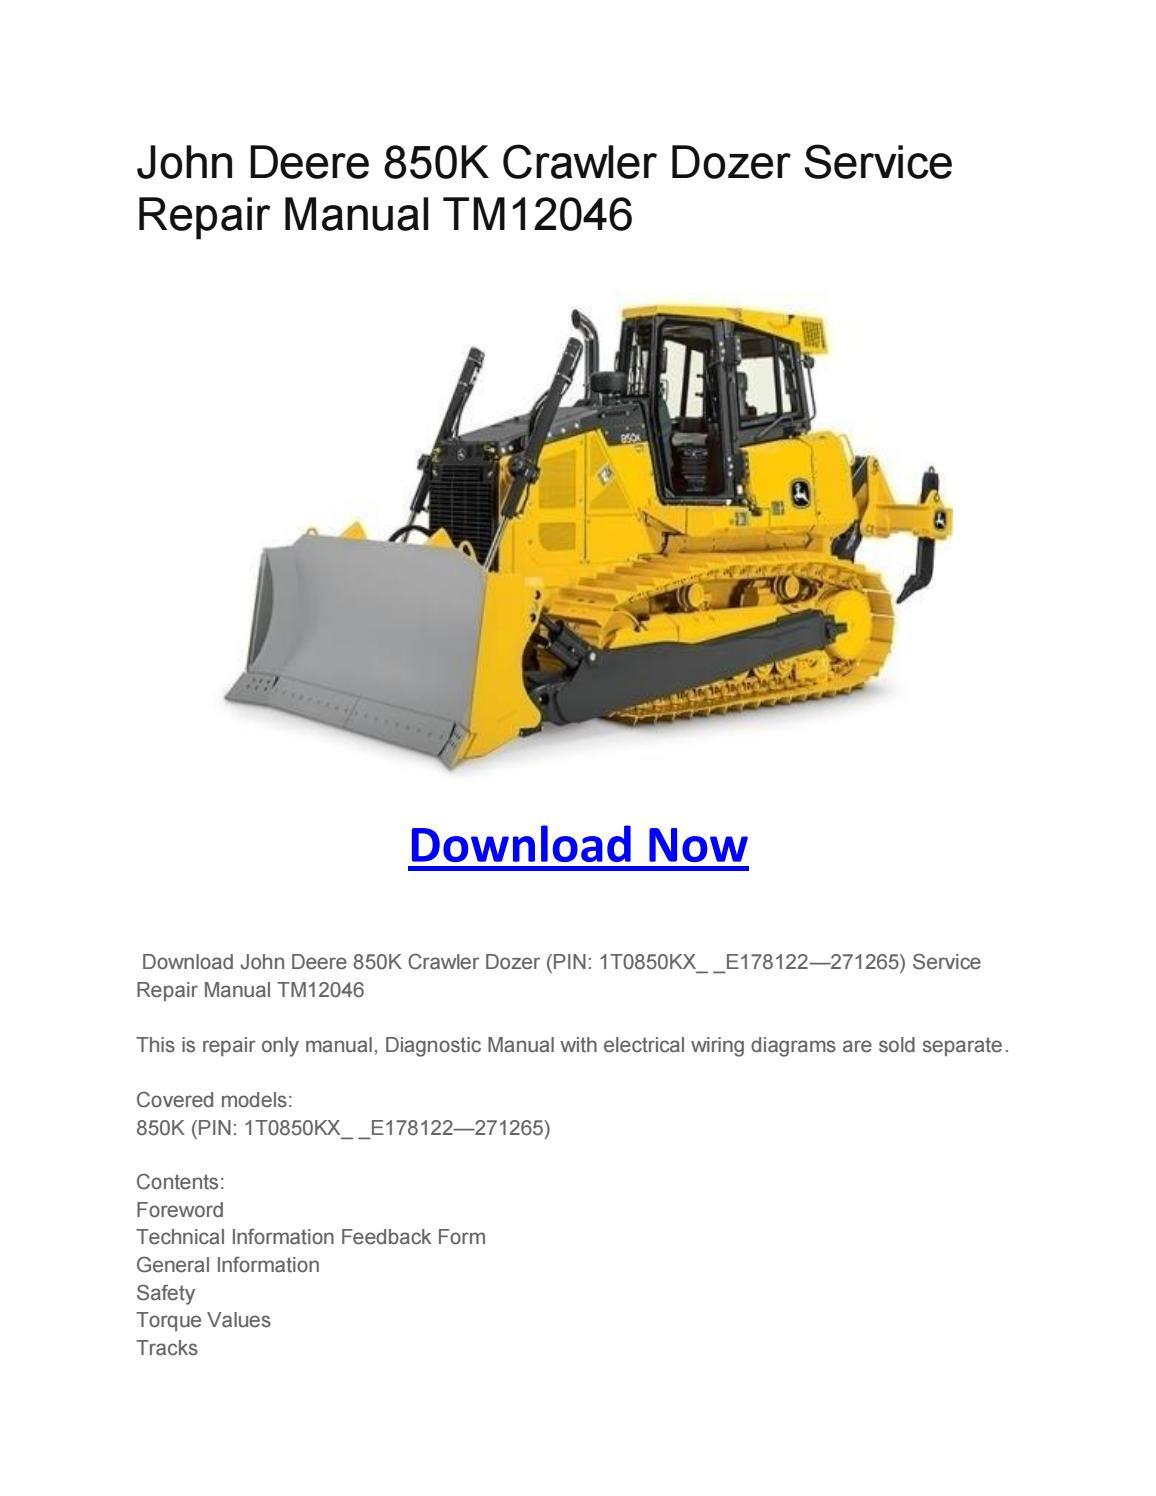 John Deere 850k Crawler Dozer Service Repair Manual